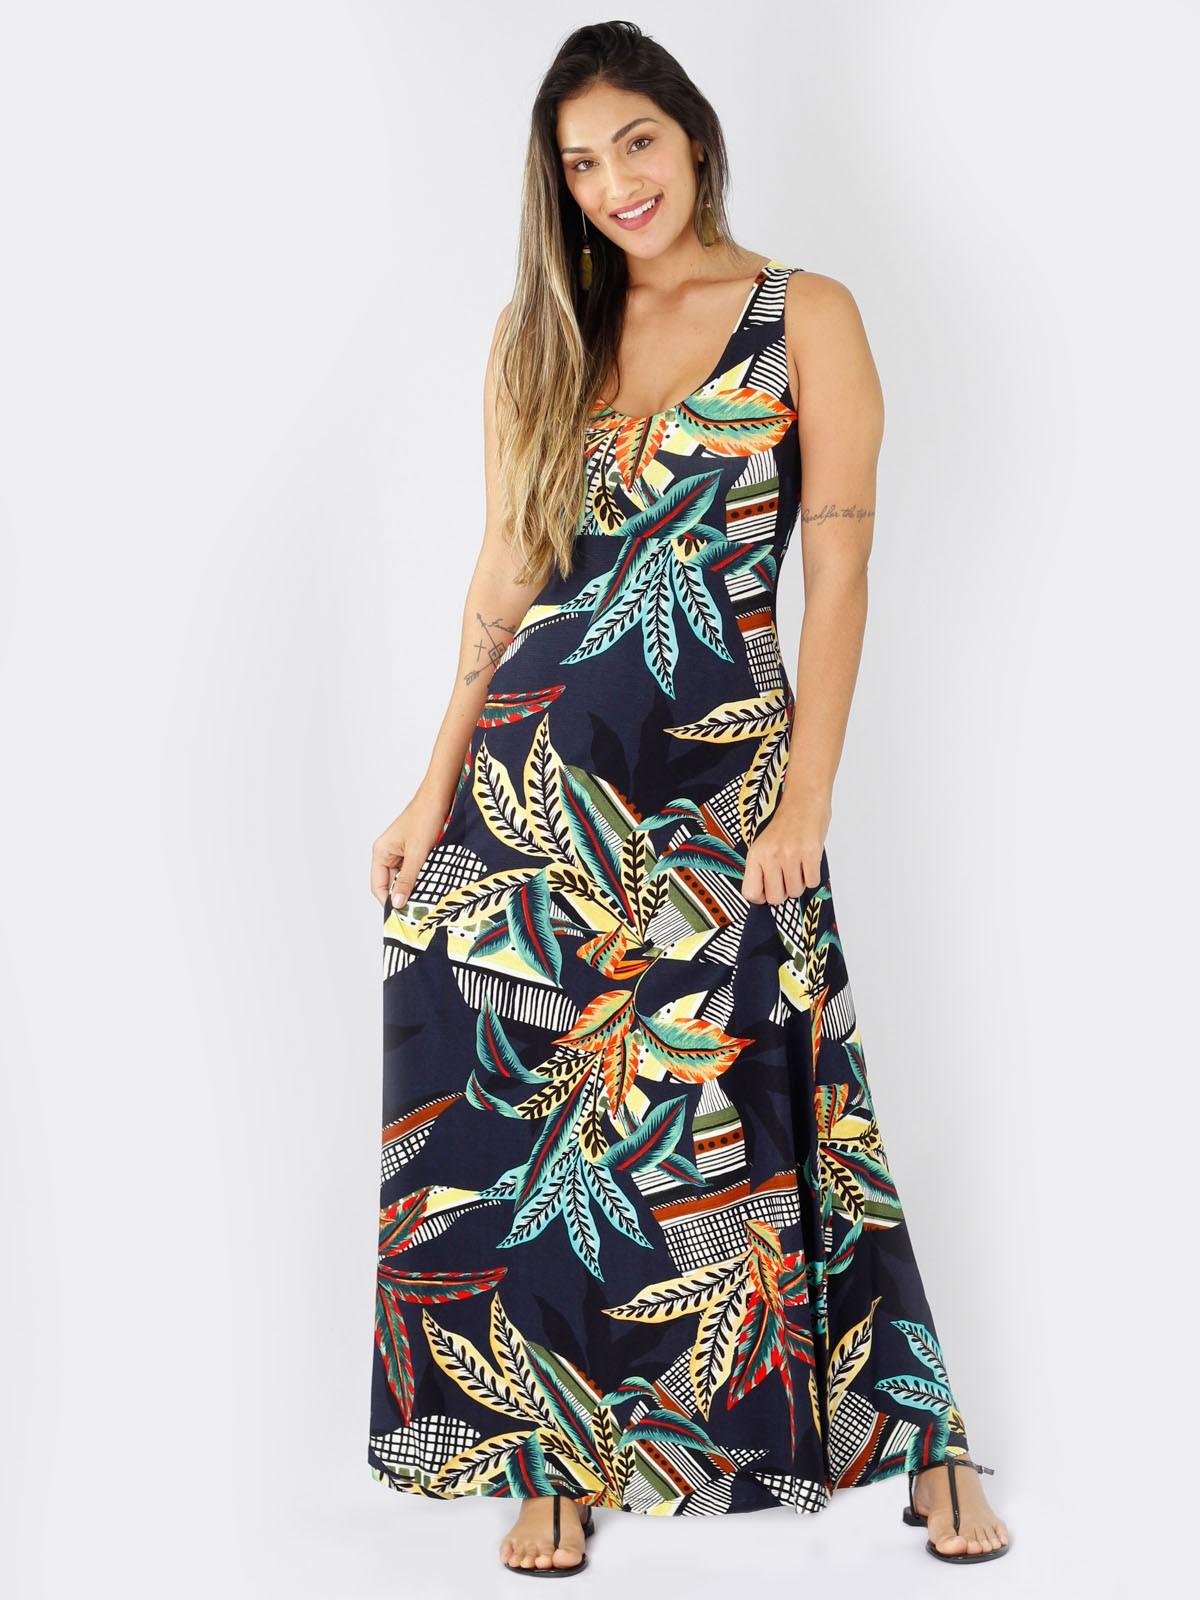 Vestido Longo de Malha Estampada em 6 Cores